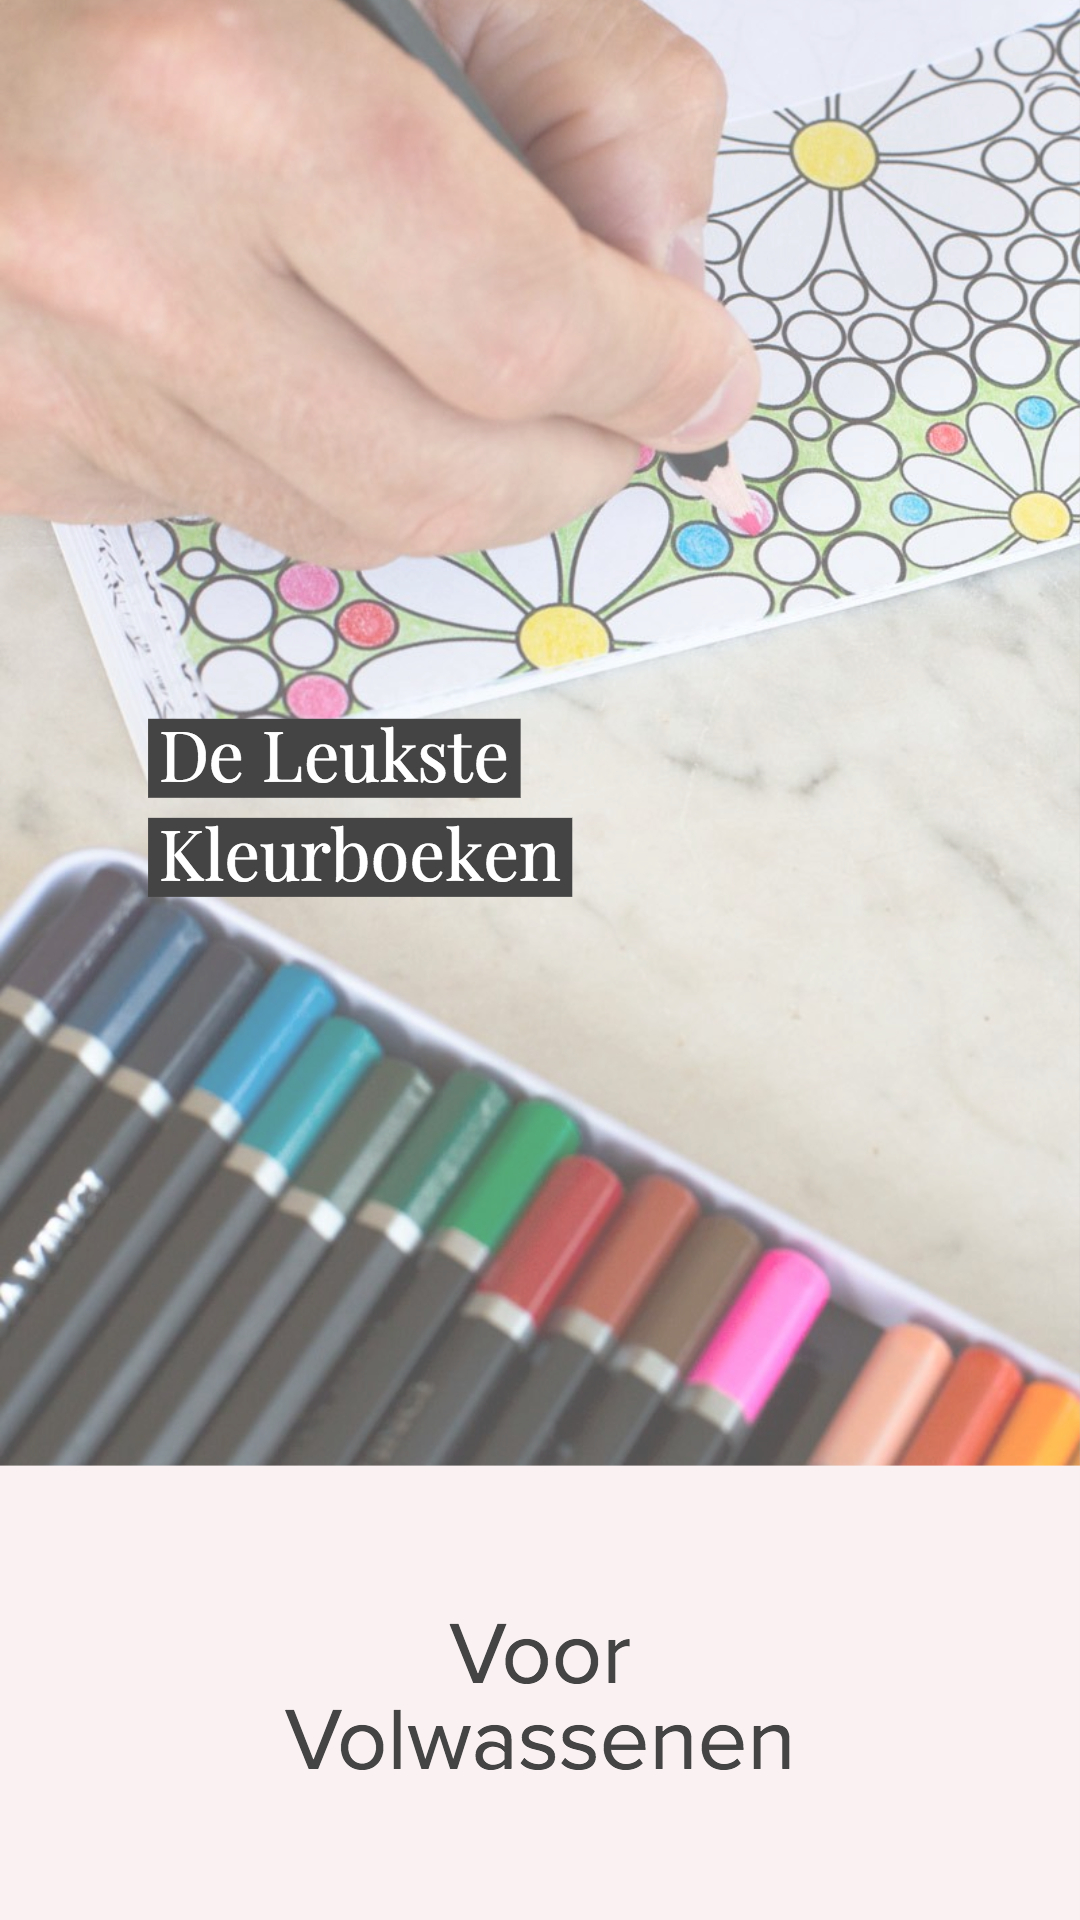 Kleurplaten Volwassenen Waarom.De Leukste En Mooiste Kleurboeken Voor Volwassenen